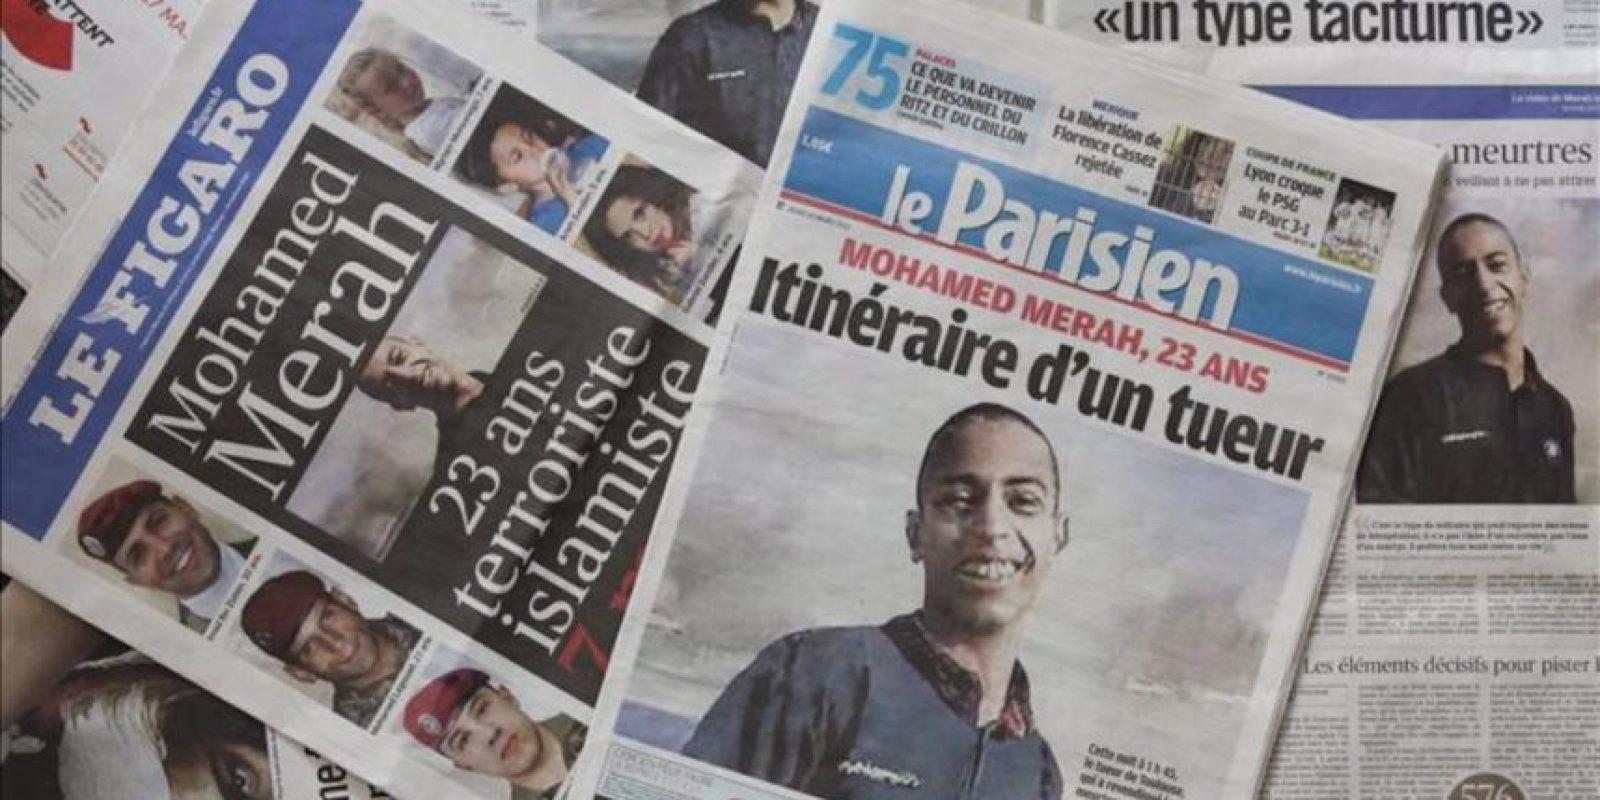 Varios periódicos franceses llevan a sus portadas hoy, jueves 22 de marzo de 2012, el retrato de Mohamed Merah, presunto autor de los asesinatos de Toulouse y Montauban. Un intenso tiroteo y al menos dos explosiones han puesto hoy punto final al cerco al asesino confeso de siete personas en Francia, después de más de 32 horas que han convulsionado la habitual tranquilidad del barrio de Cote Pavée de la ciudad francesa de Toulouse. EFE